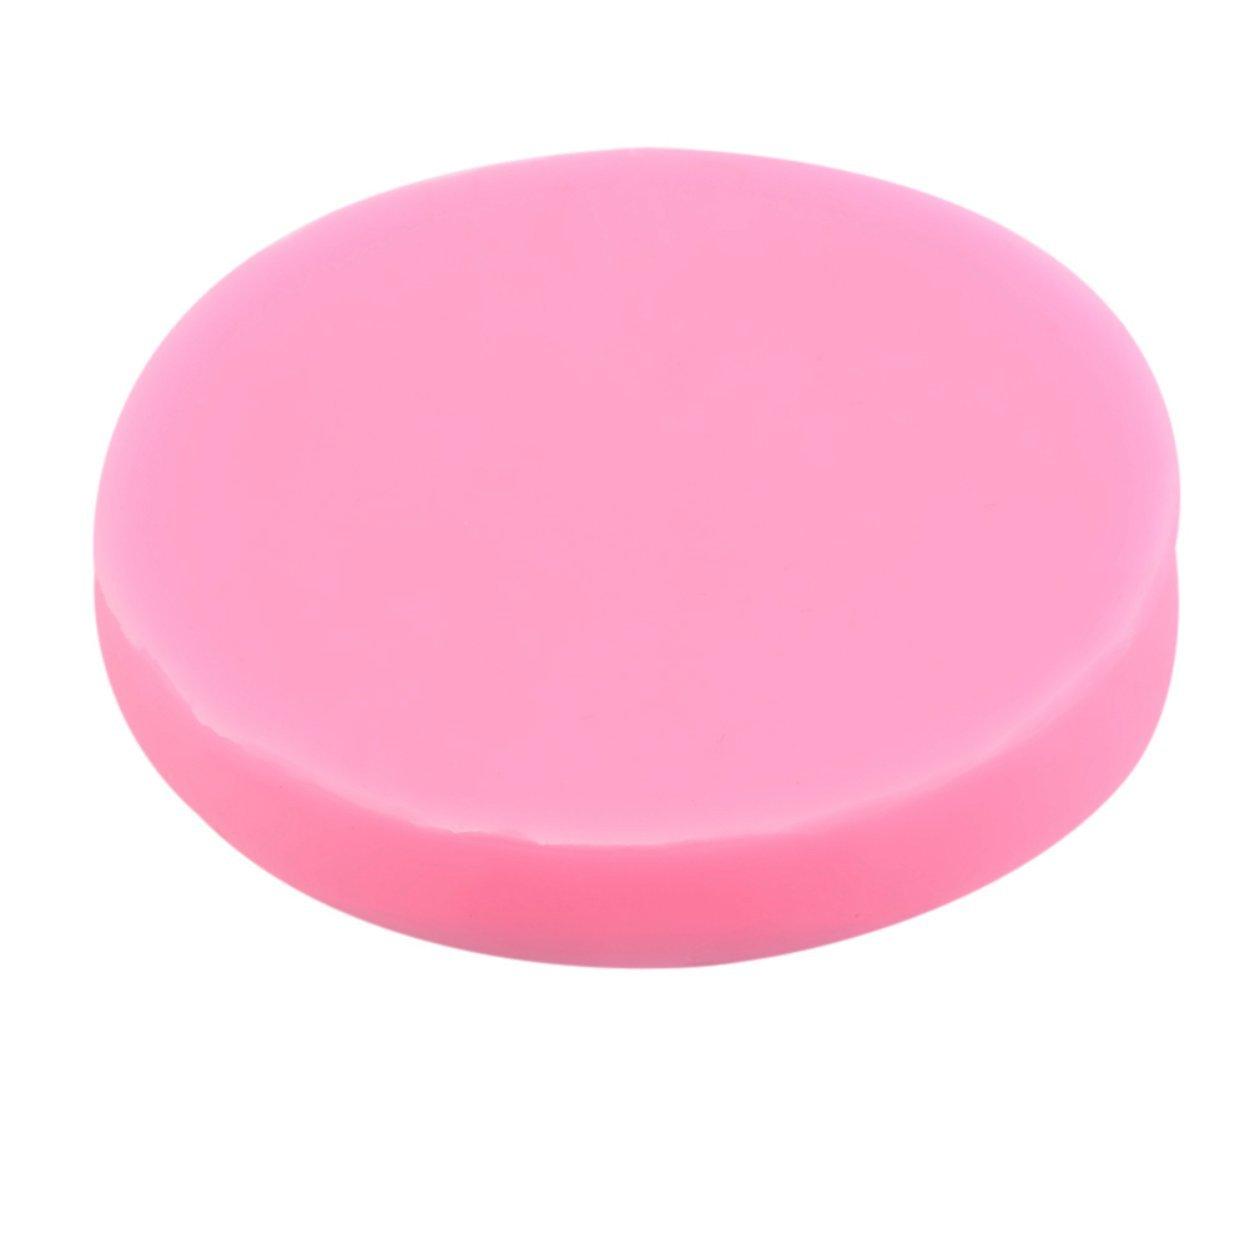 55 10mm Riutilizzabile Antiaderente 3D Delfino Granchio Cavalluccio Marino Angelo Pesce commestibile Torta al Silicone Fondente Muffa del Cioccolato Popolare BIYI Rosa 55 Rosa